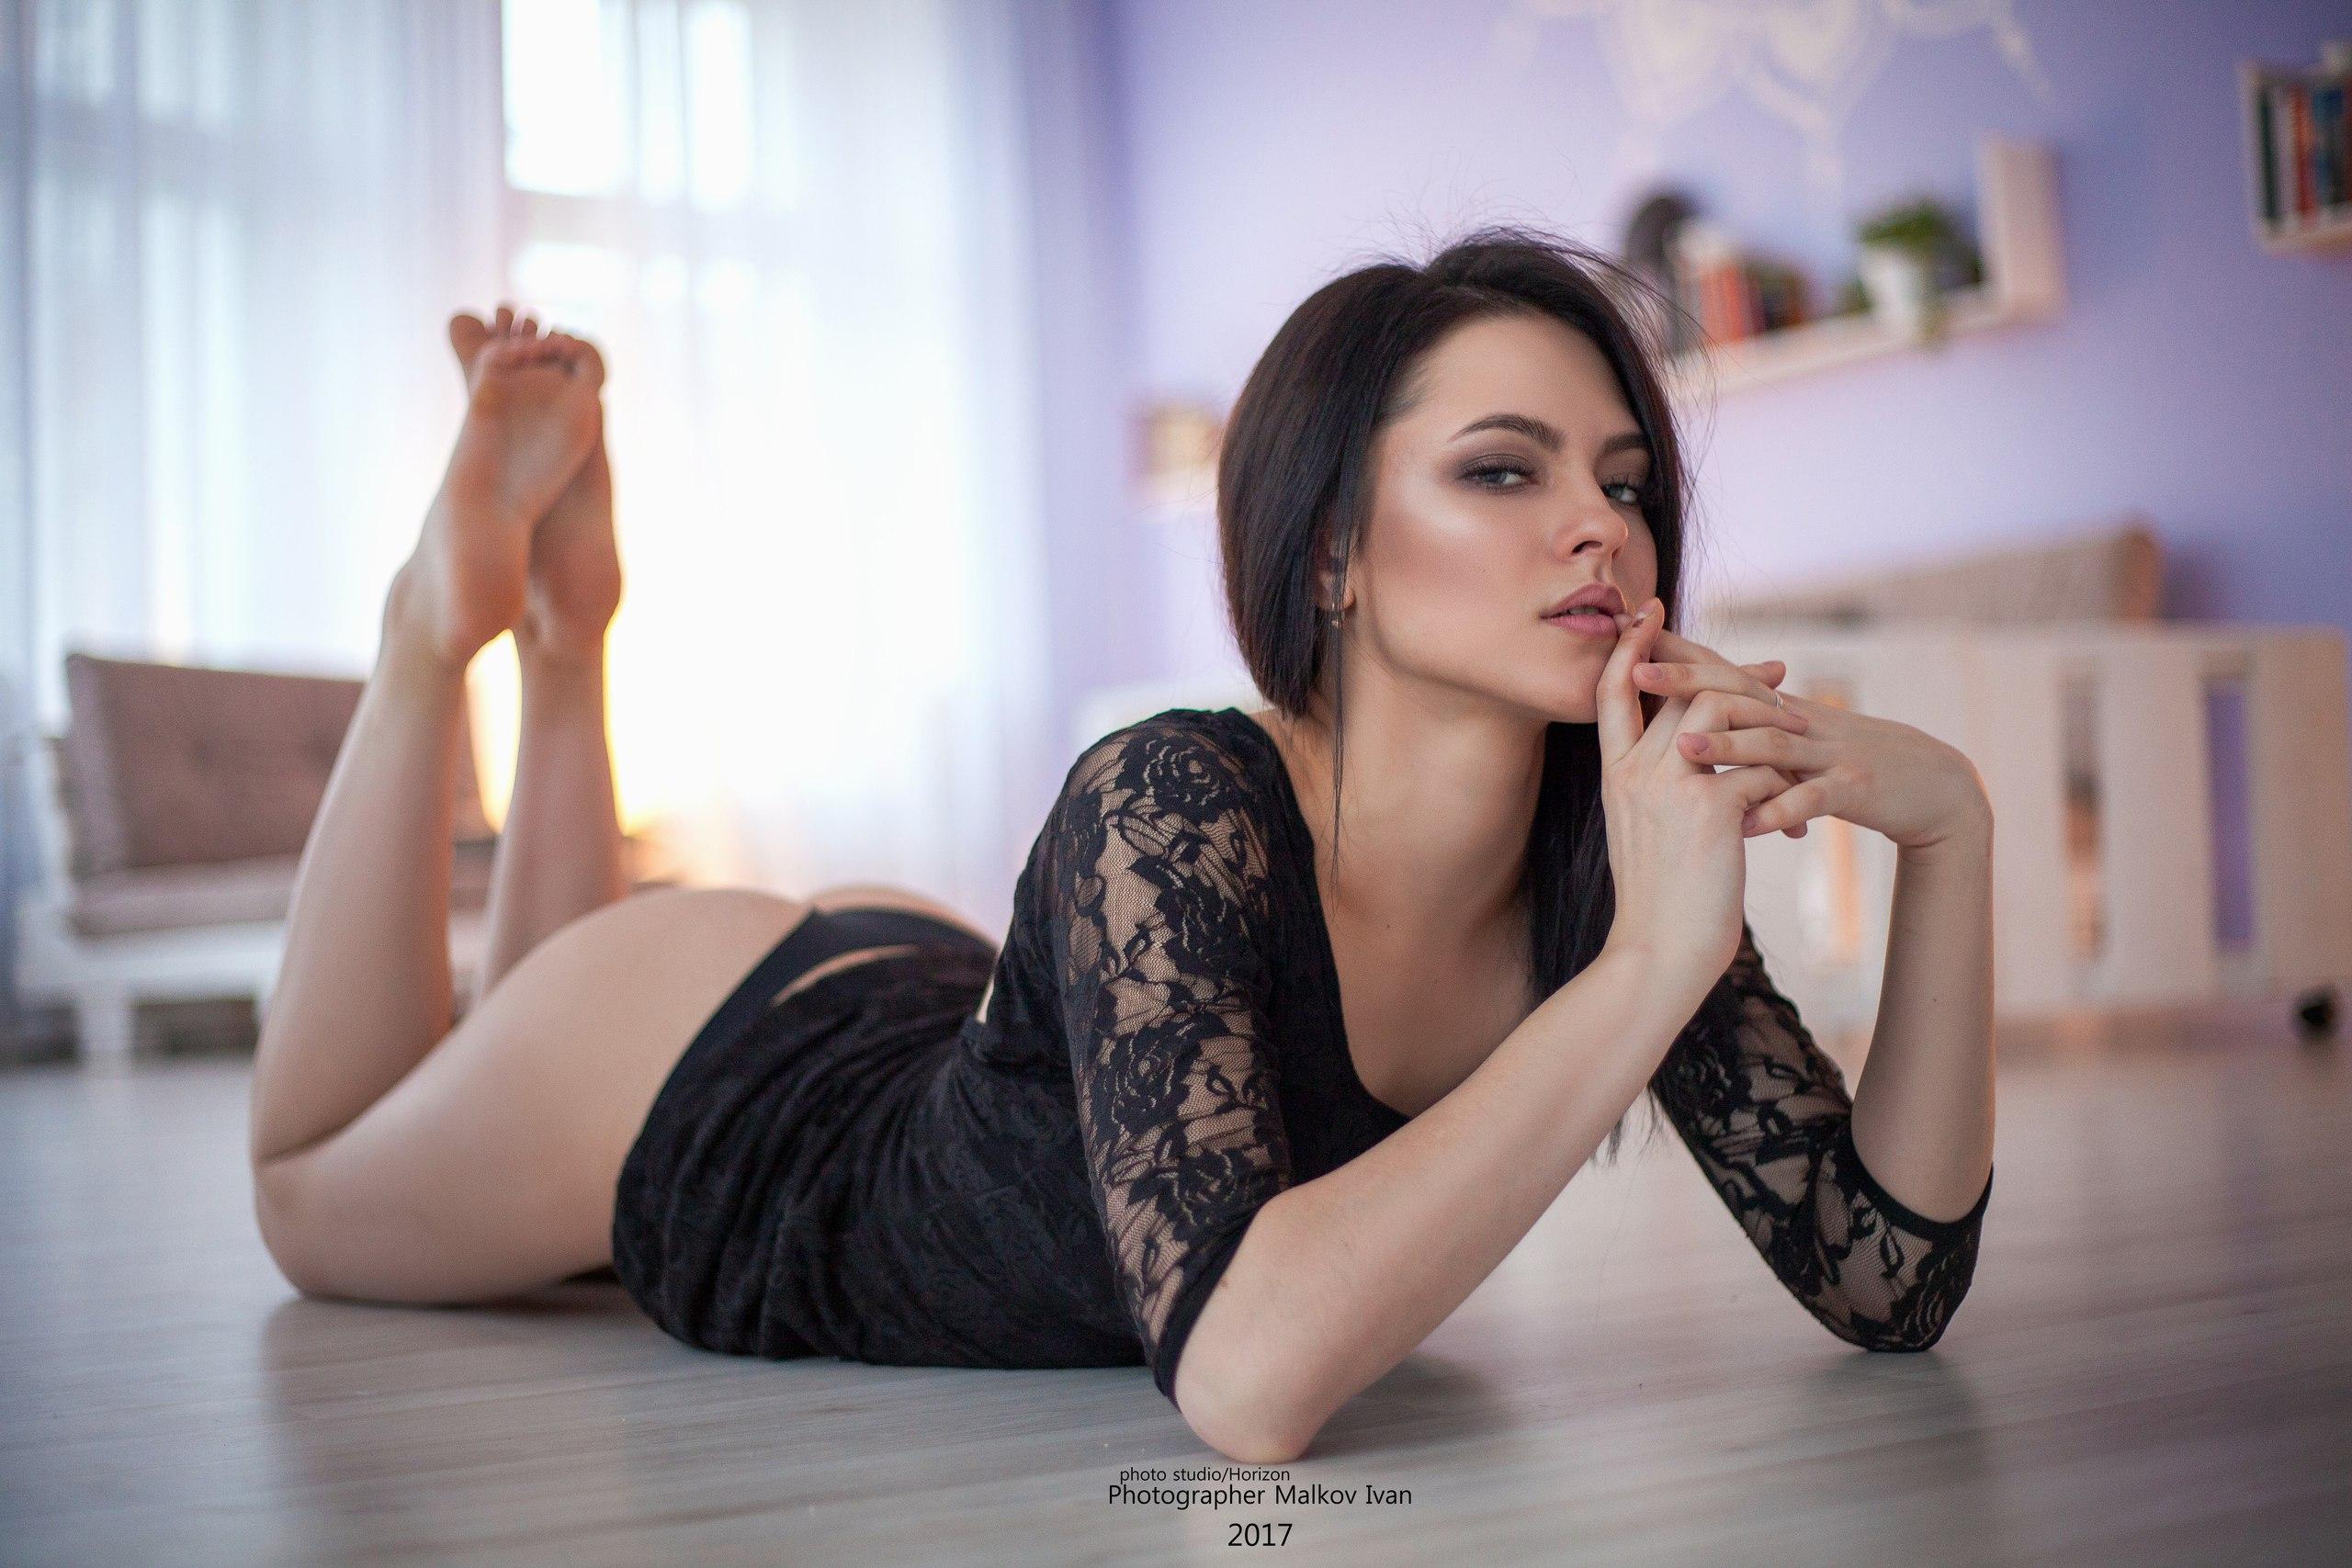 #4561465 #long hair, #Fan Bingbing, #strapless dress, #